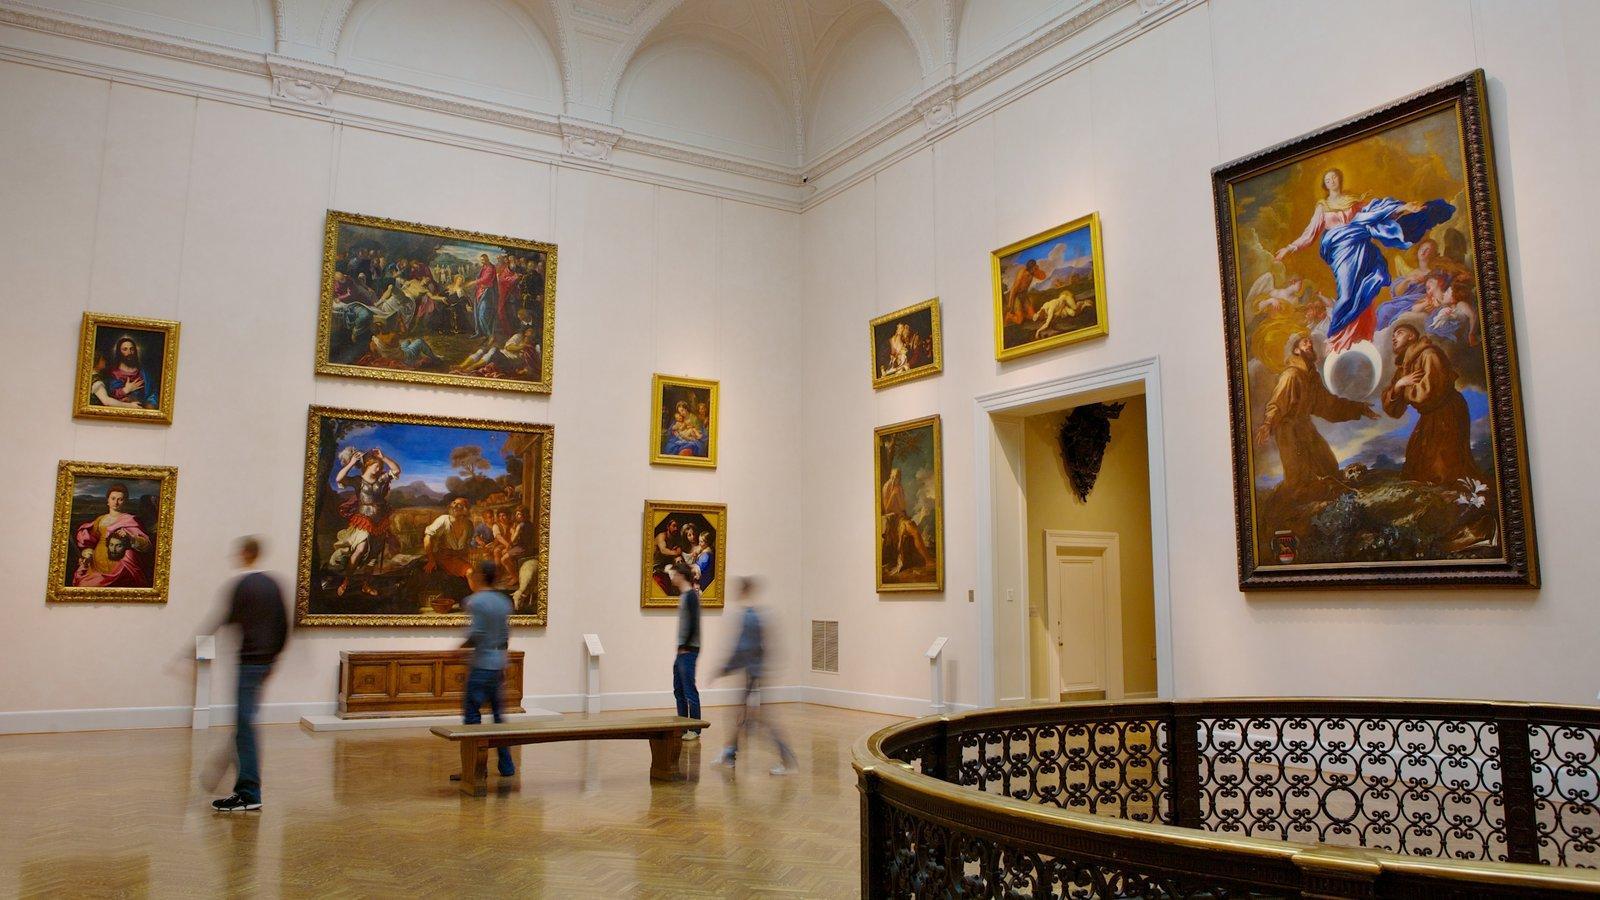 Minneapolis Institute of Arts caracterizando vistas internas e arte assim como um pequeno grupo de pessoas